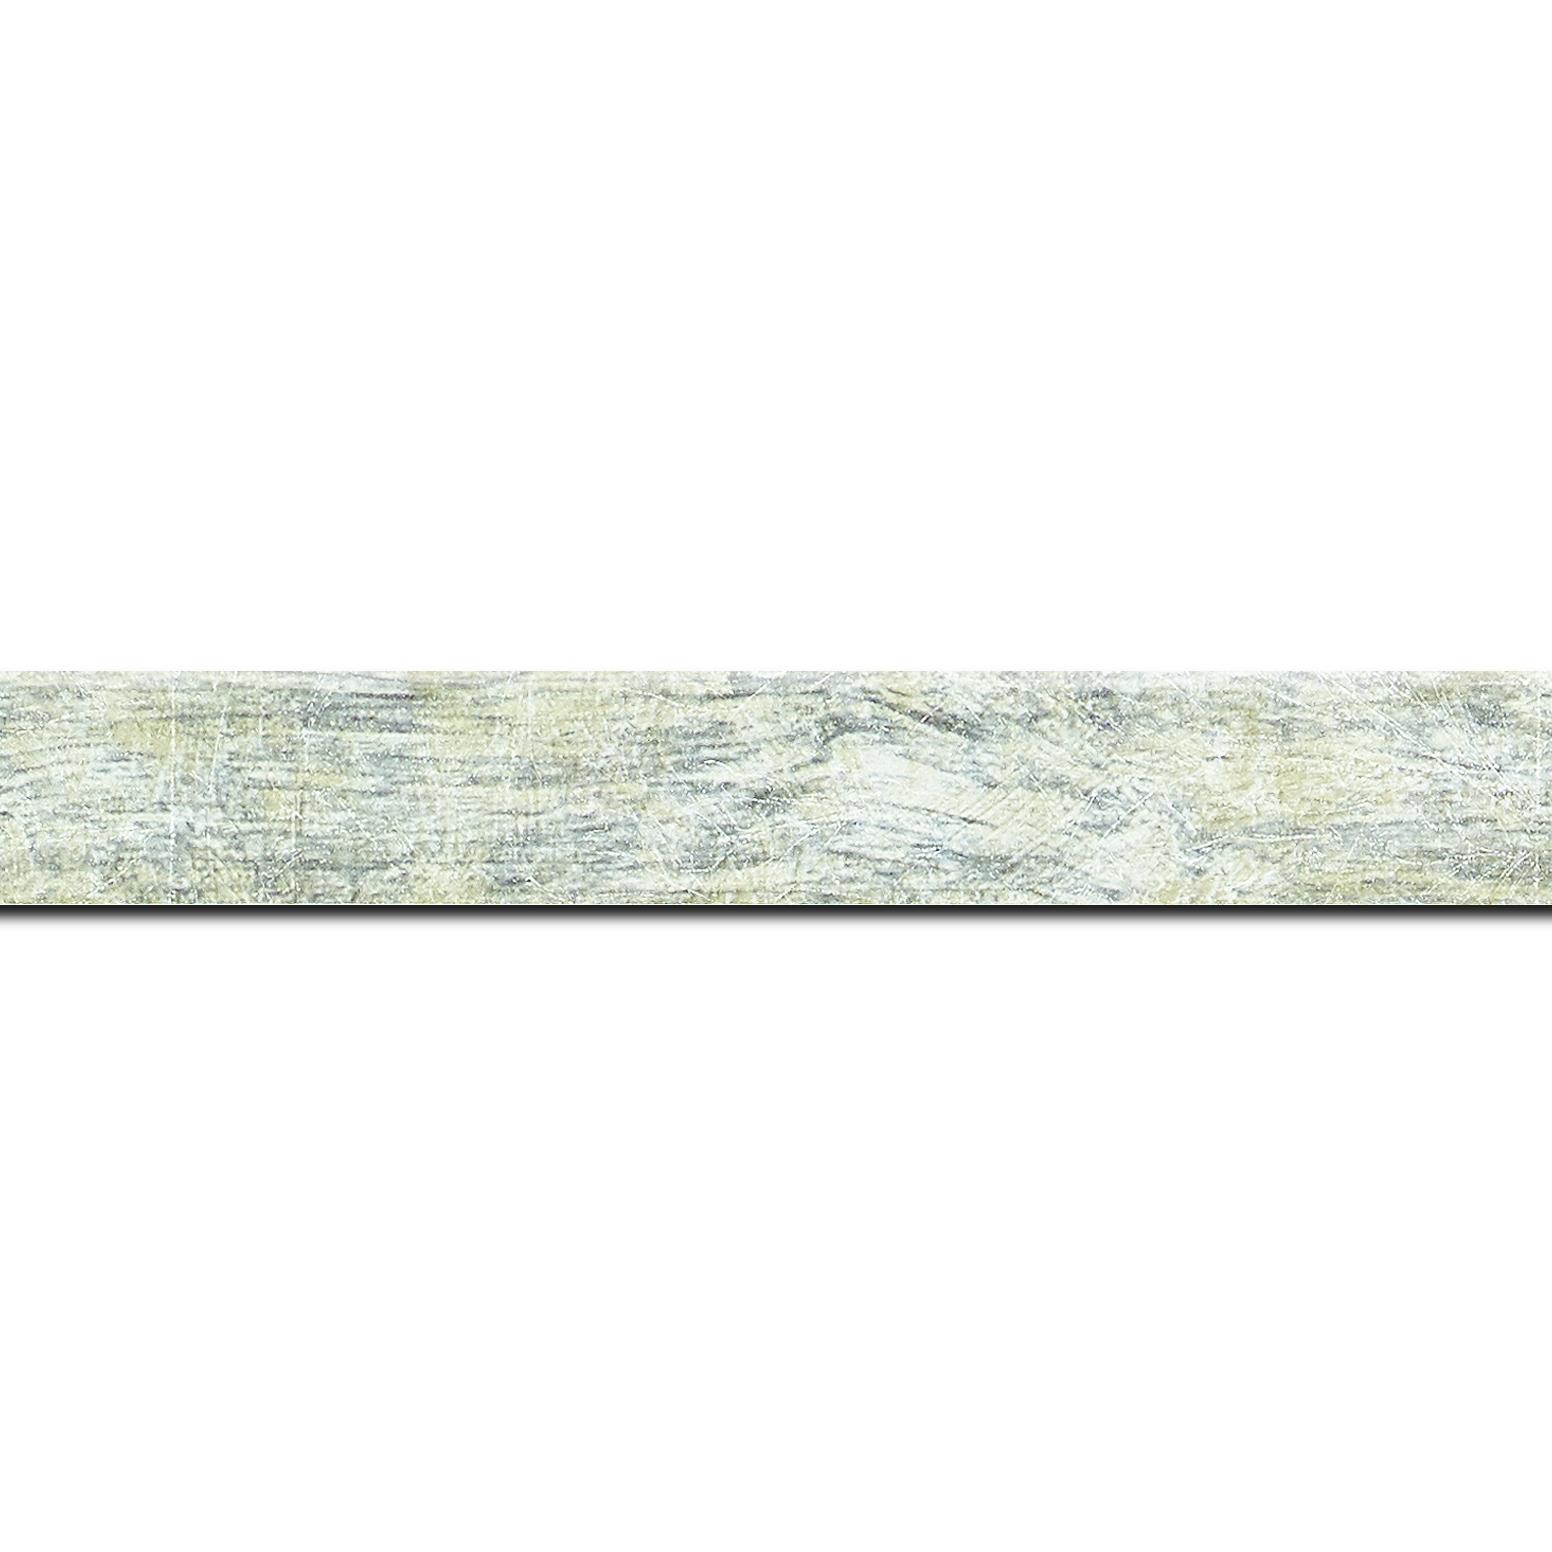 Baguette longueur 1.40m bois profil plat largeur 2.5cm hauteur 4.8cm argent effet marbré (hauteur feuillure 4.3cm )